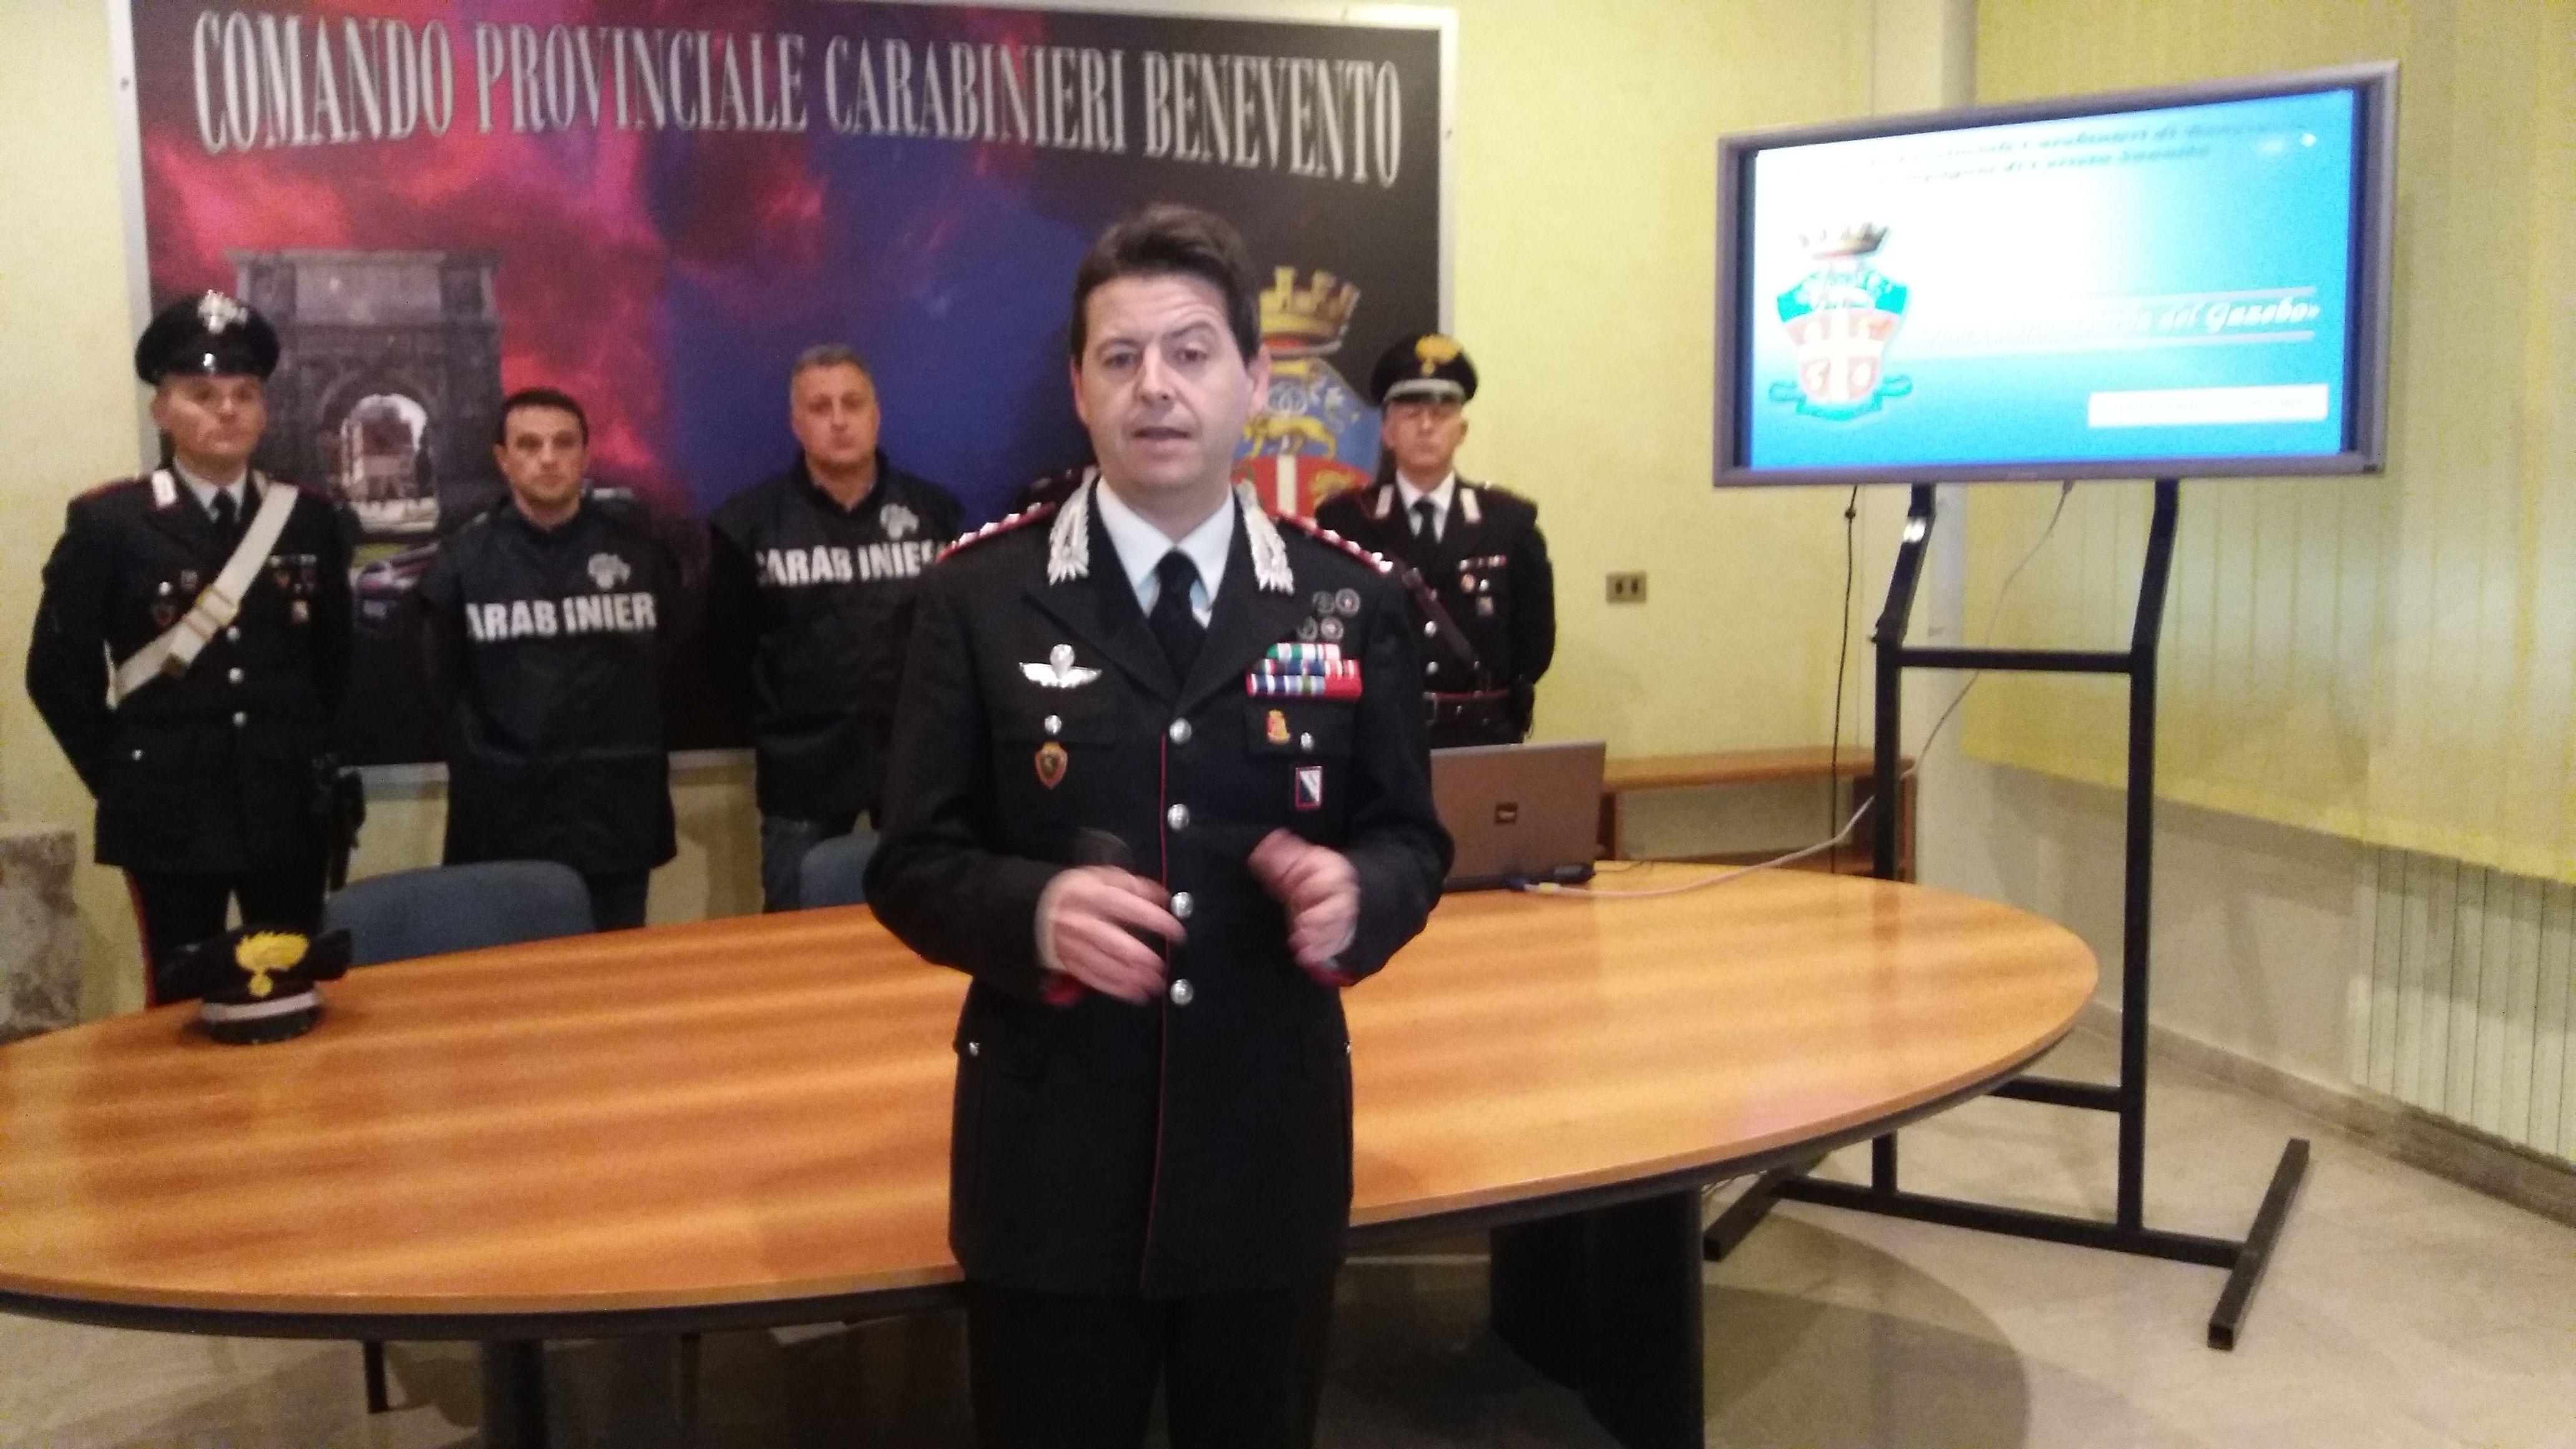 Droga: rete spacciatori in centro profughi, 7 arresti